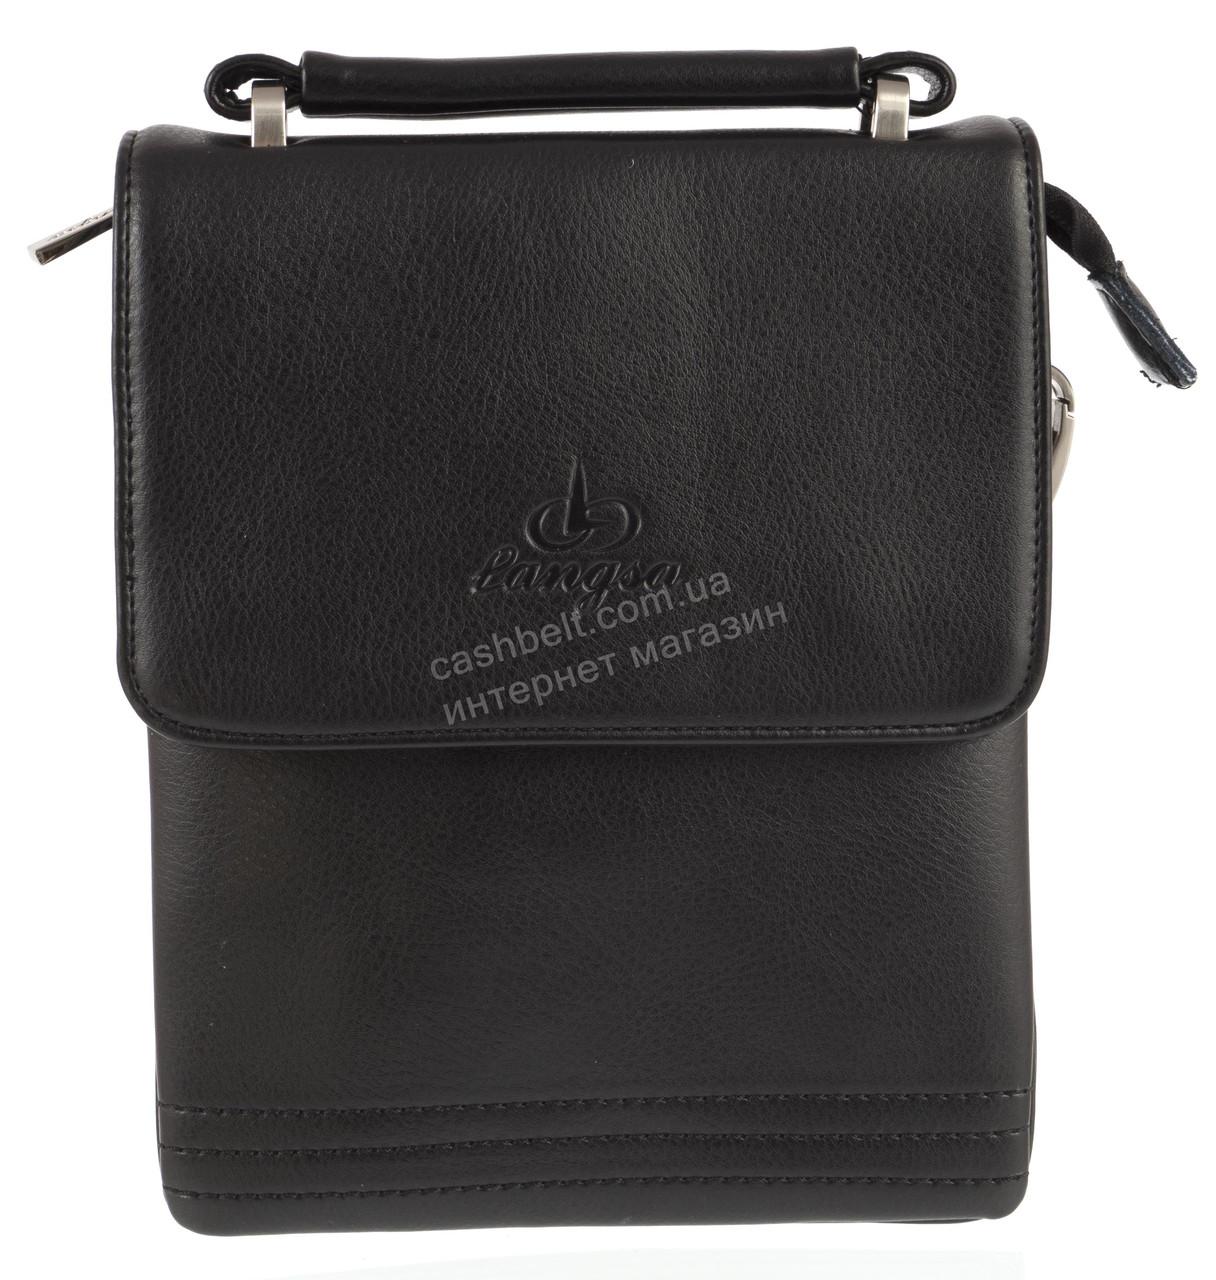 Удобная компактная черная прочная мужская сумка с качественной PU кожи LANGSA art. TP9871-1 черная